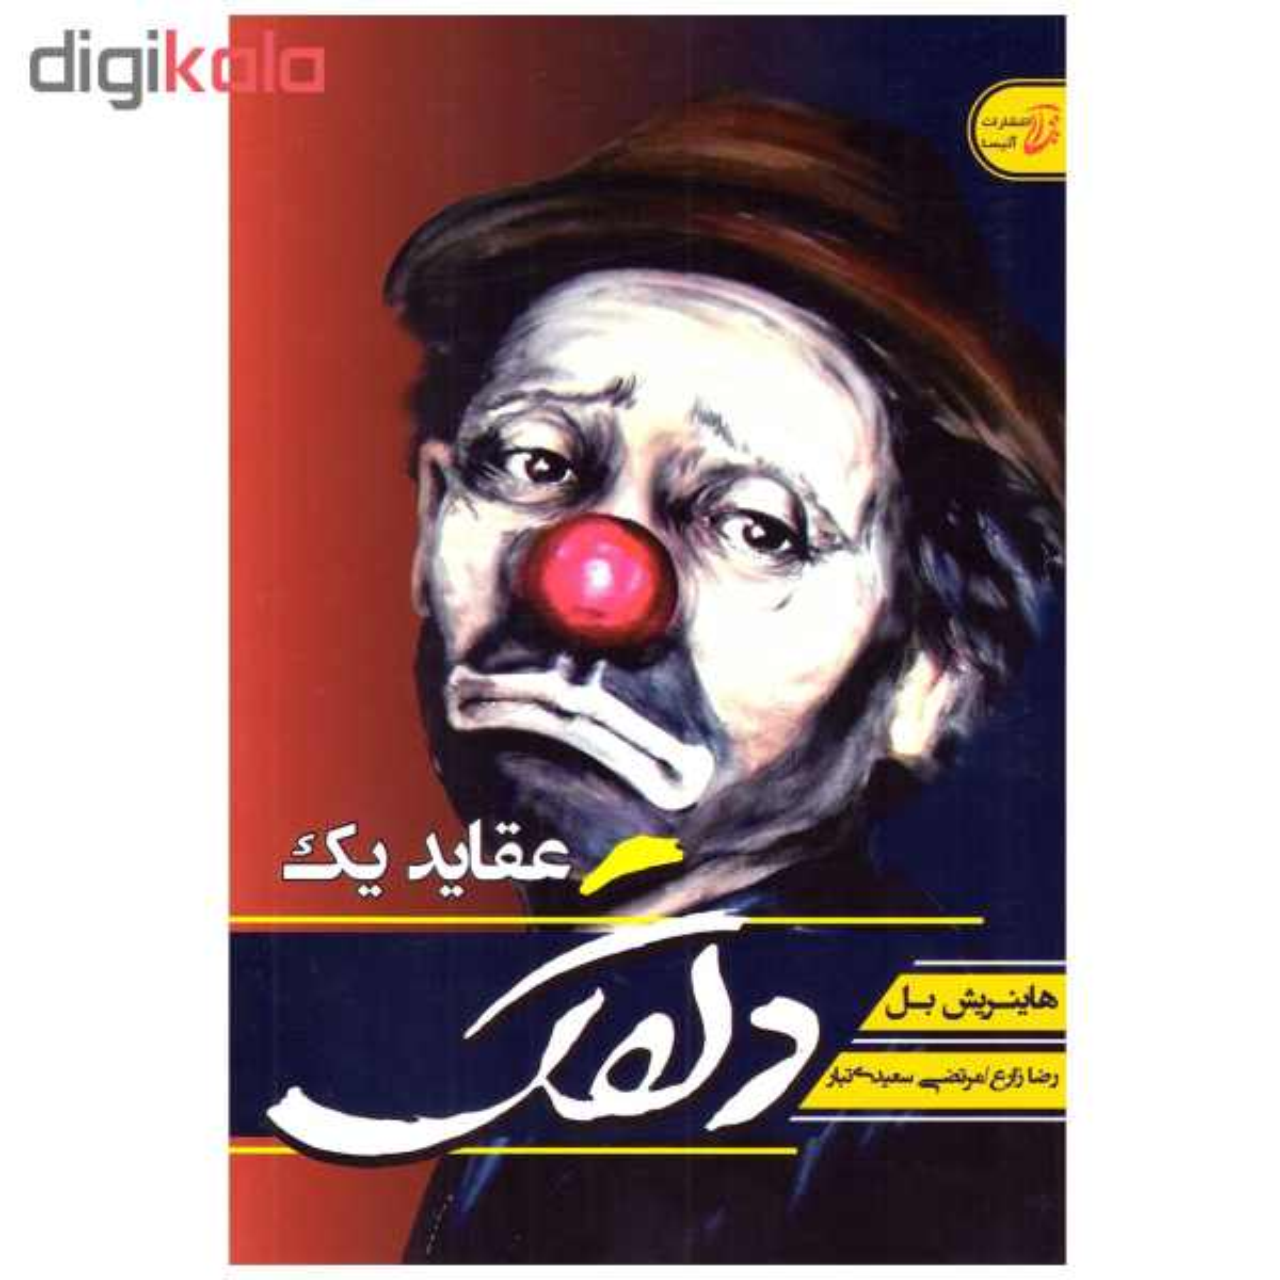 خرید                      کتاب عقاید یک دلقک اثر هاینریش بل انتشارات آتیسا